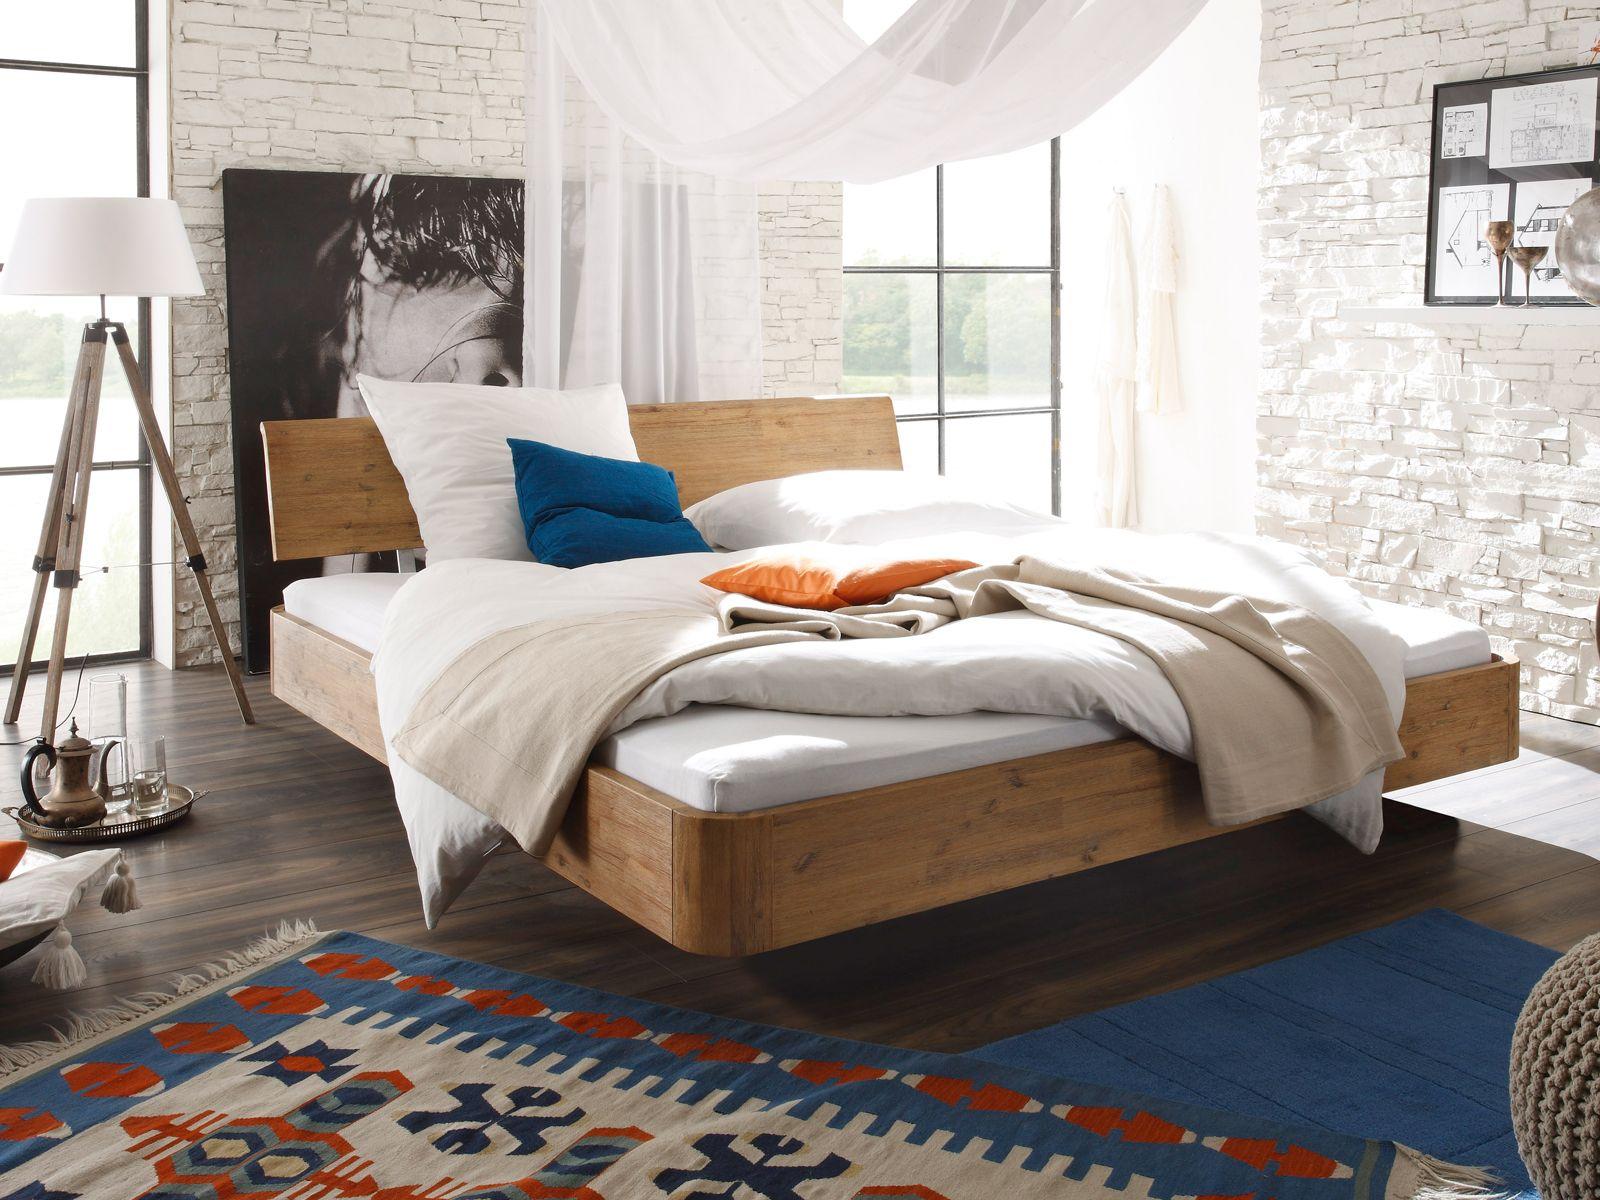 Schlafzimmer Naturholz ~ Schwebebett salomon von massivum.de schlafzimmer einrichtungsideen